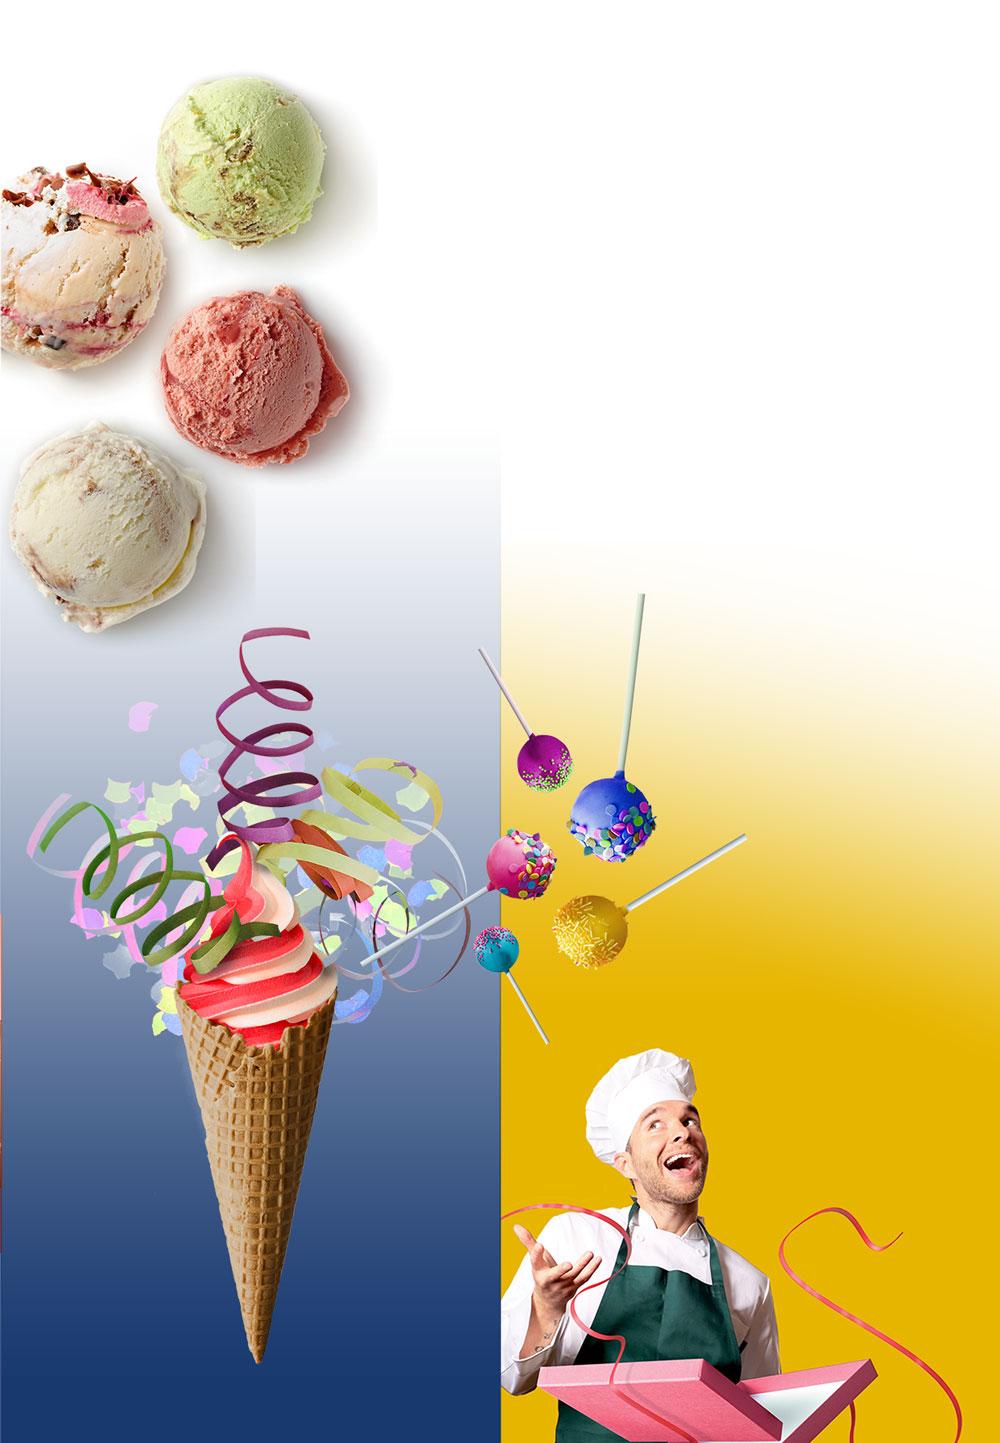 Dulpan-Hosteleria-Panaderia-Pasteleria-BG2-02